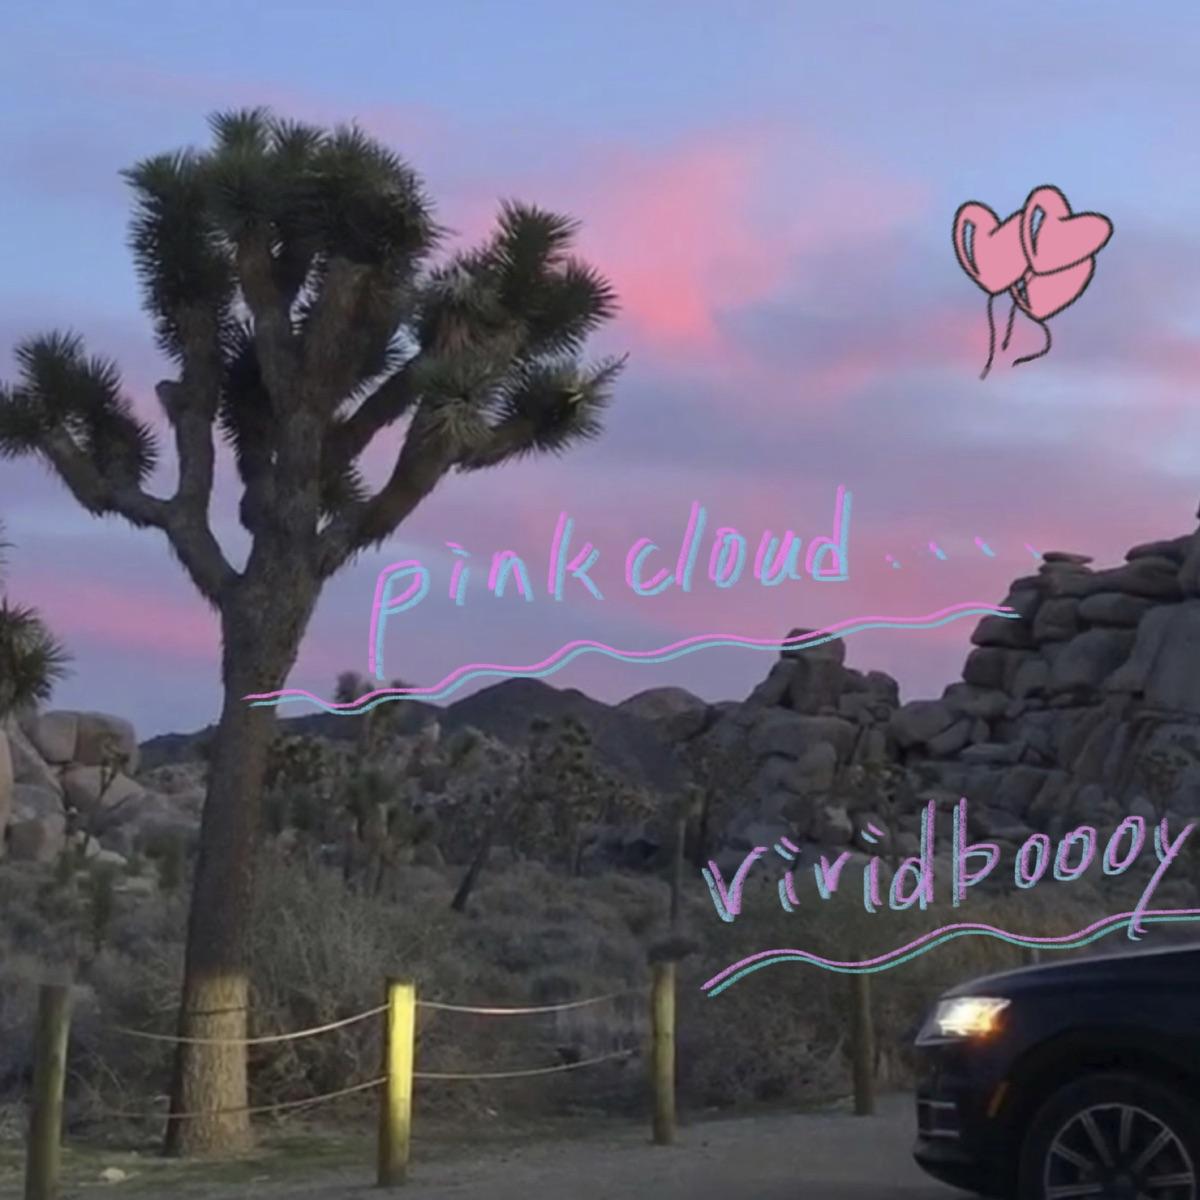 『vividboooy - pinkcloud』収録の『pinkcloud』ジャケット